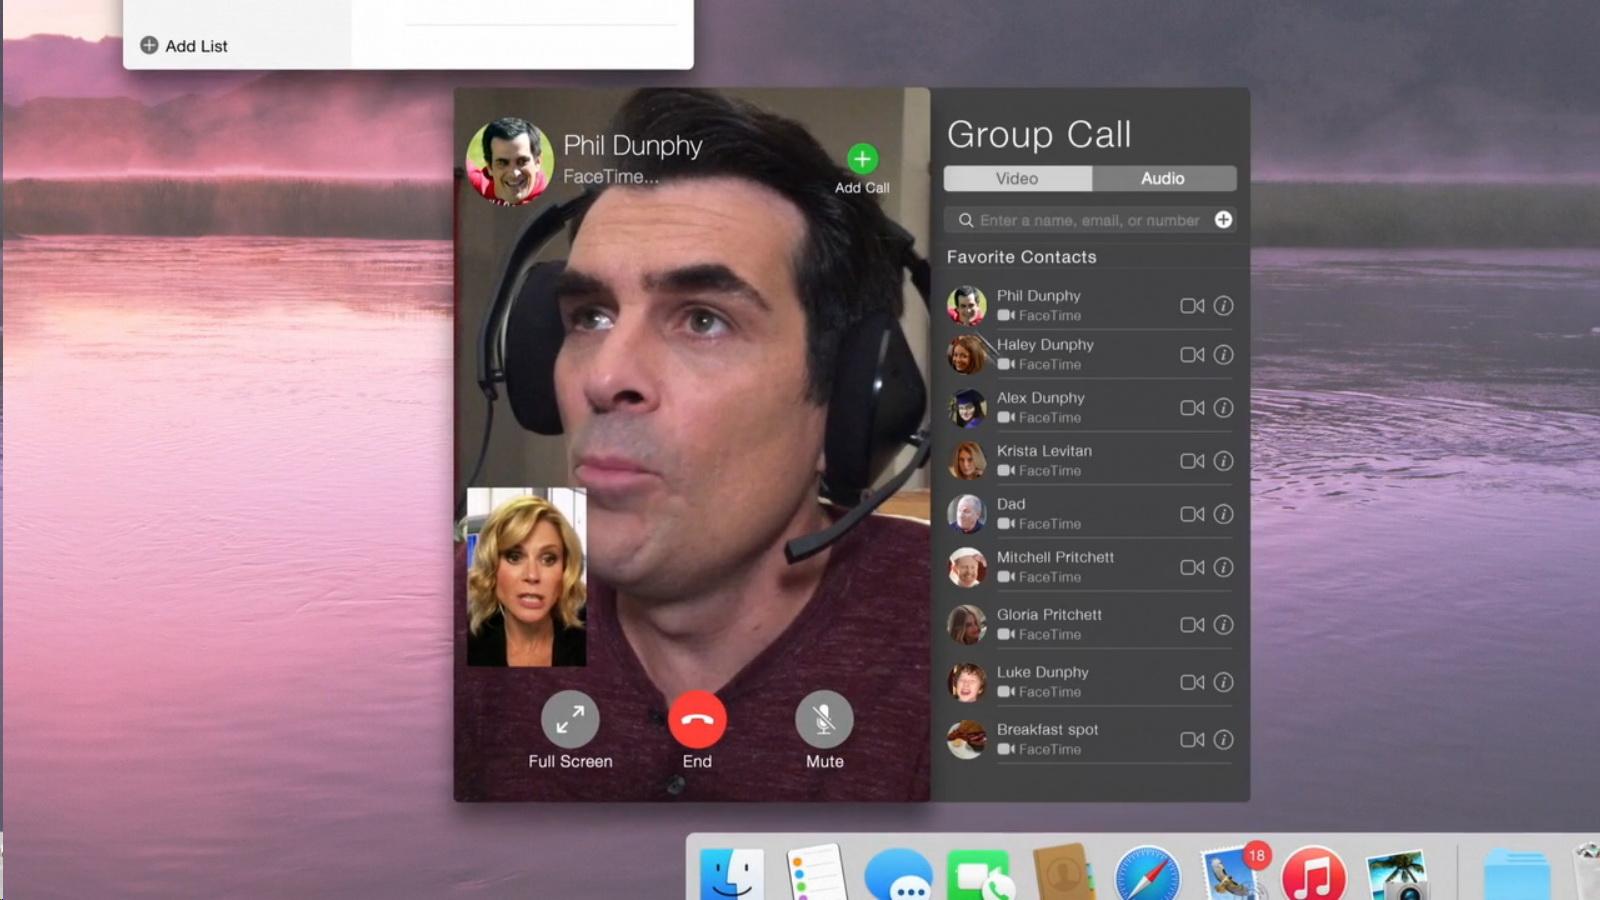 Apple Facetime Modern Family Tv Show Scenes